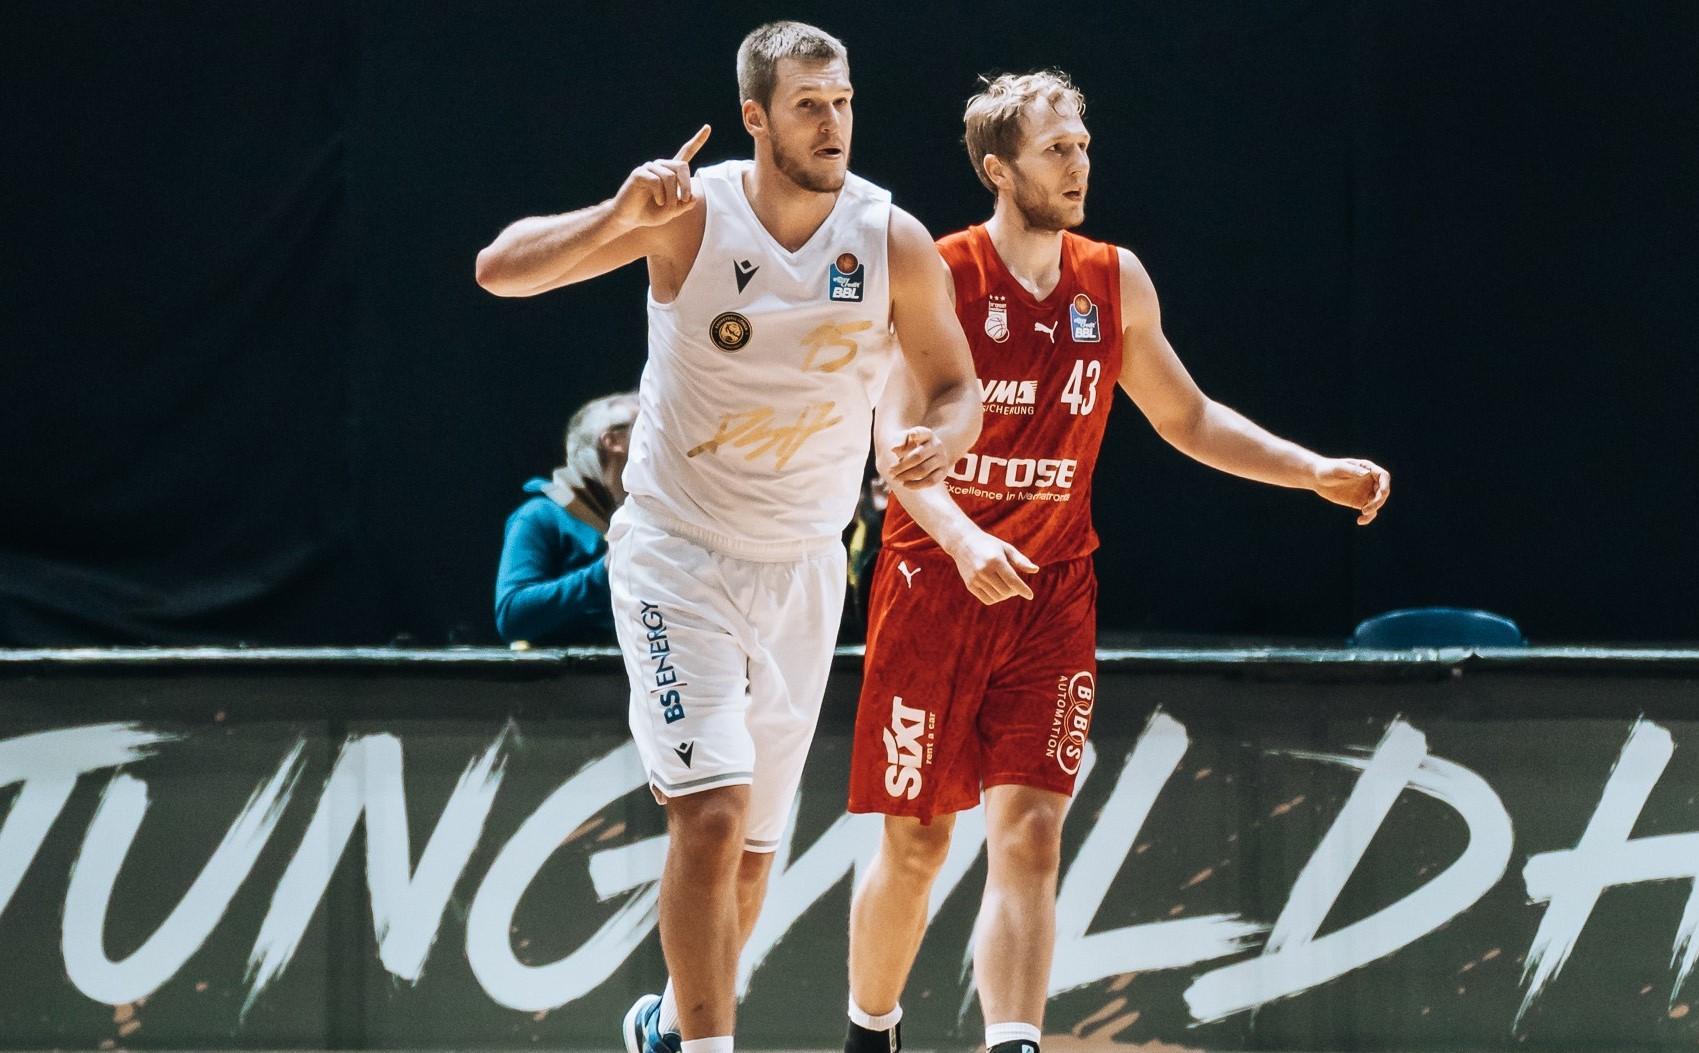 Die Basketball Löwen Braunschweig haben als erstes Team im Ligabetrieb Brose Bamberg bezwungen. Beim 90:84-Heimerfolg vor ist das Duo aus dem Olympioniken Martin Peterka und dem deutschen Nationalspieler Robin Amaize entscheidend. Damit stoppen die Löwen ihre Negativserie von drei Niederlagen in Folge.